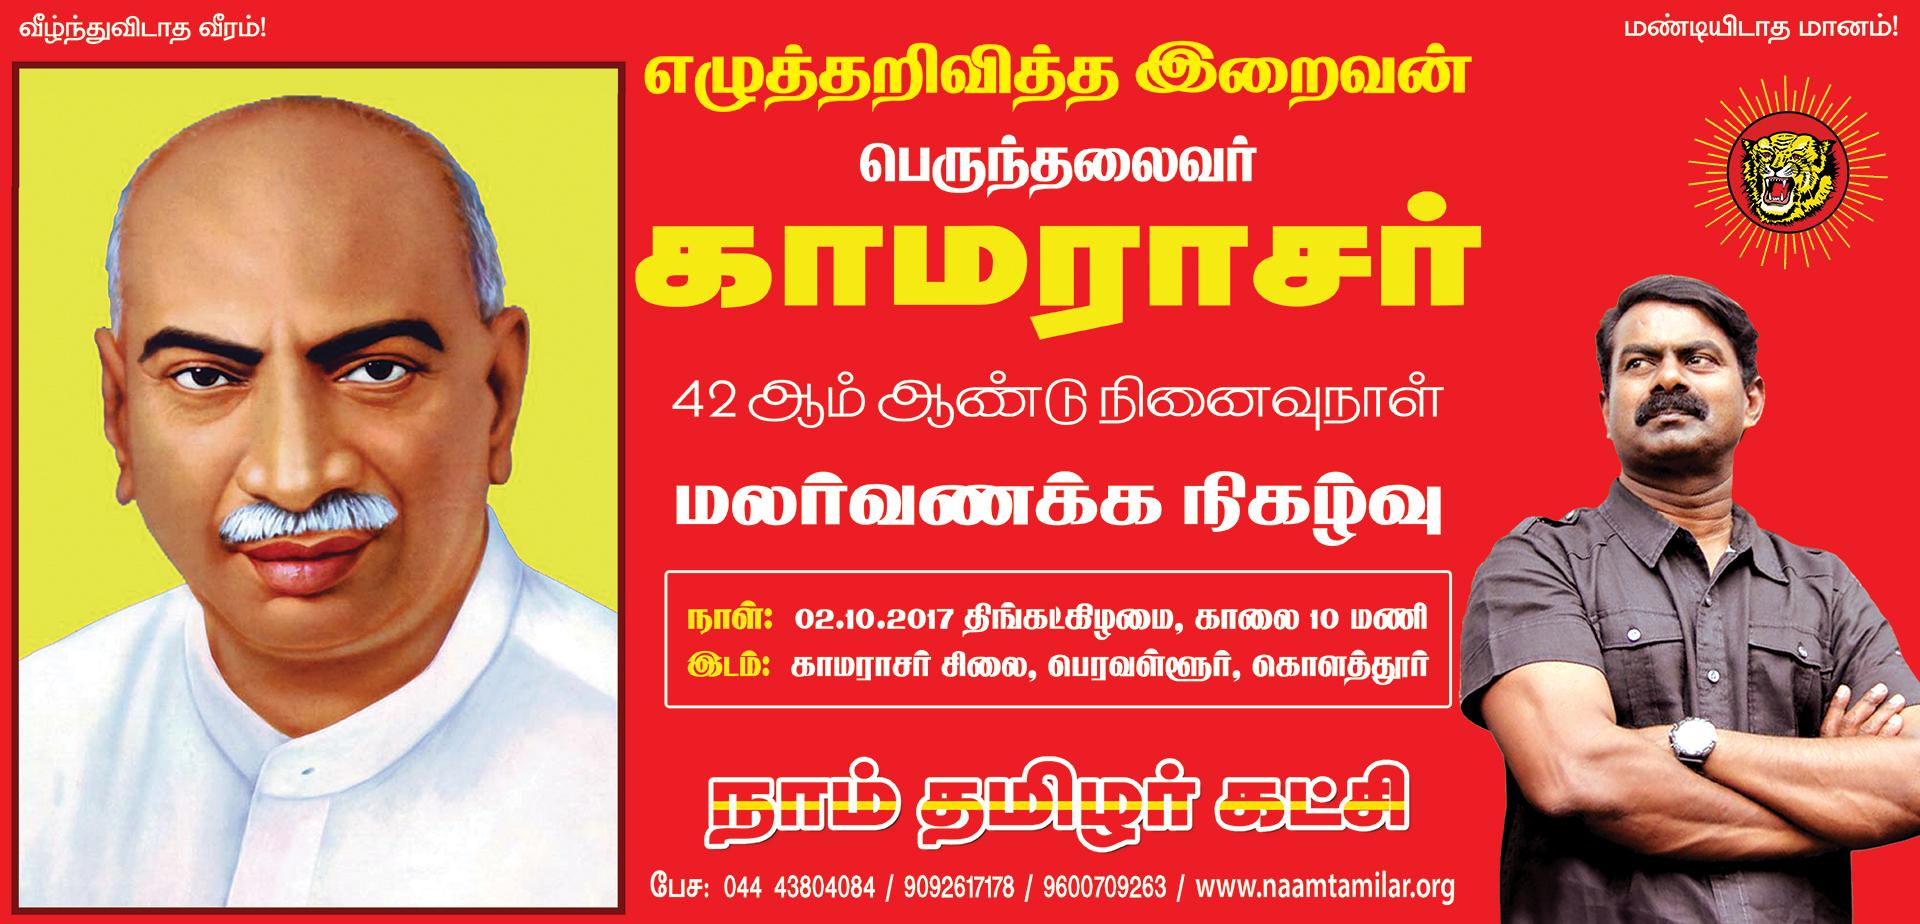 அறிவிப்பு: பெருந்தலைவர் காமராசர் 42ஆம் ஆண்டு நினைவுநாள் - மலர்வணக்க நிகழ்வு (கொளத்தூர்)